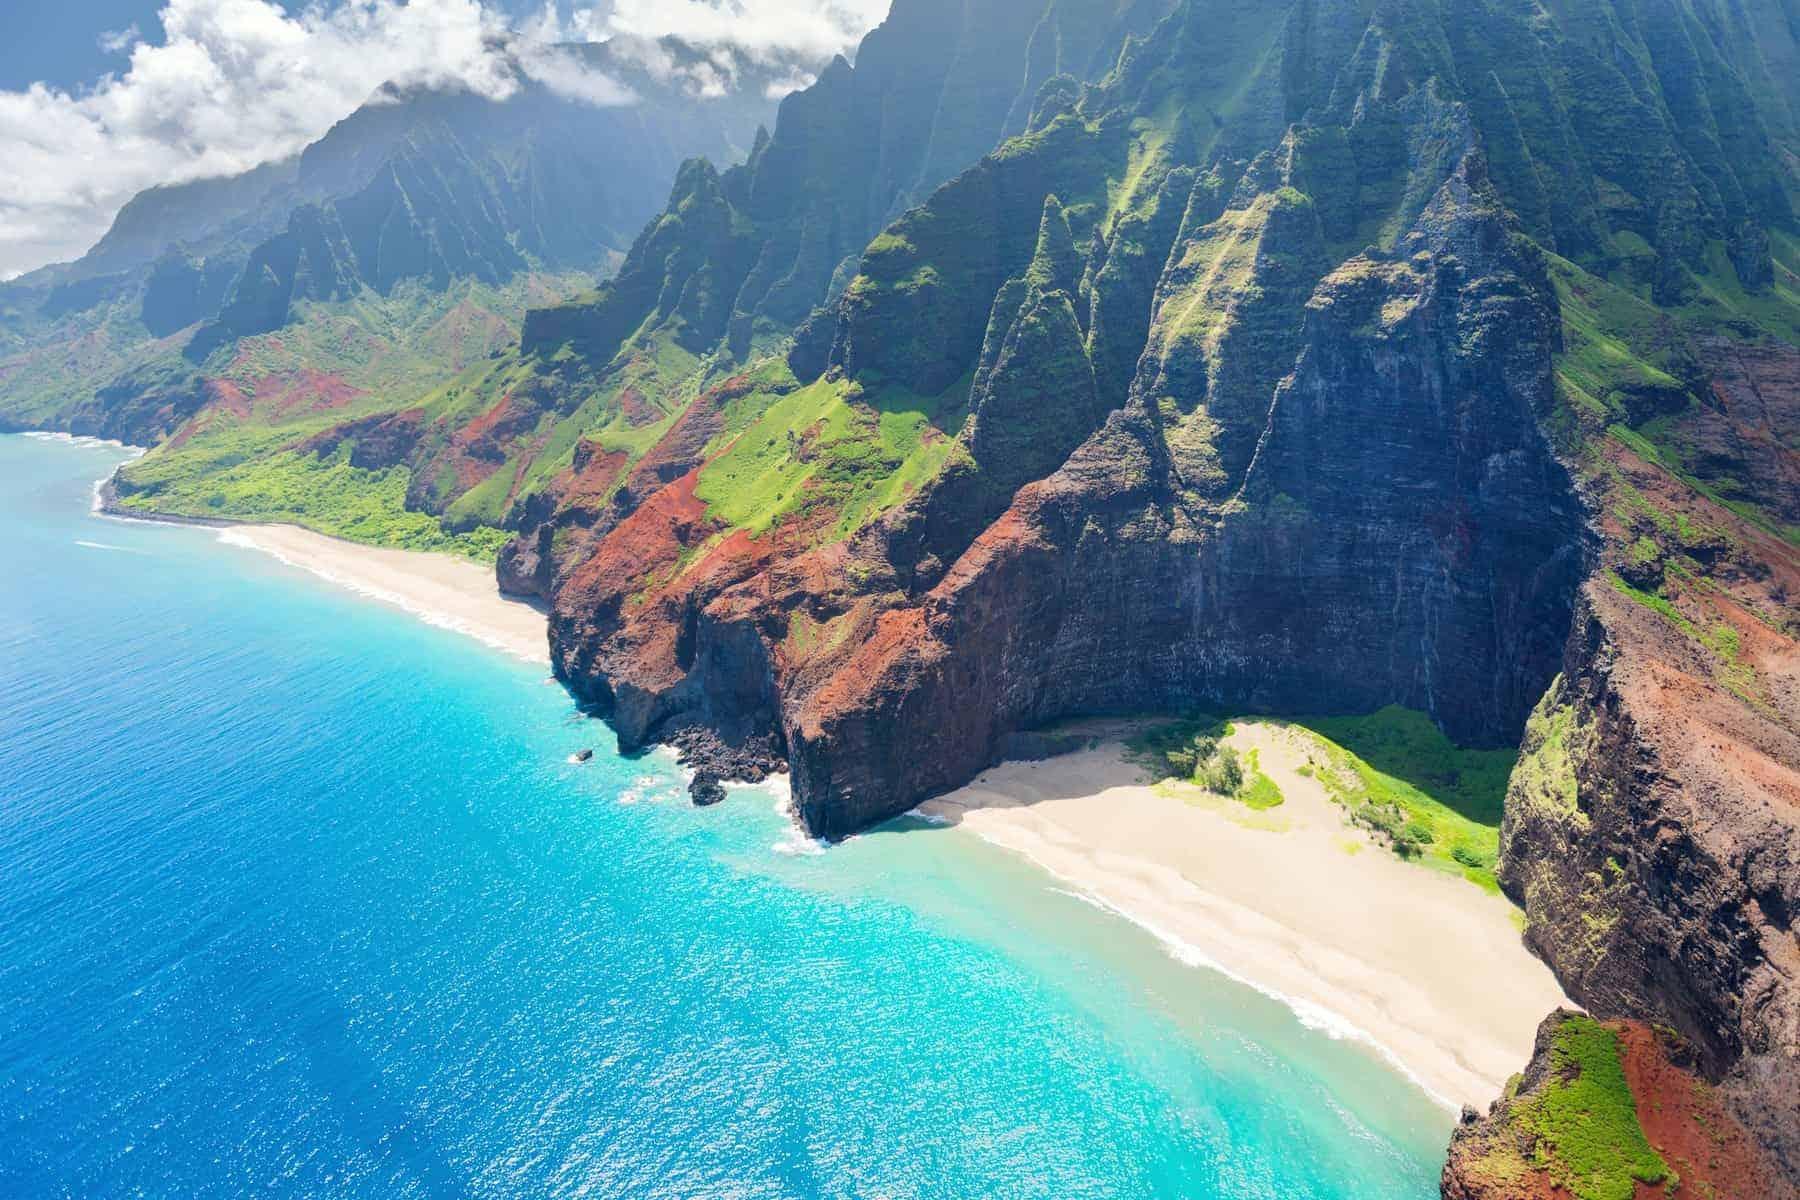 Na Pali kysten på Kauai island på Hawaii endnu en smuk dag